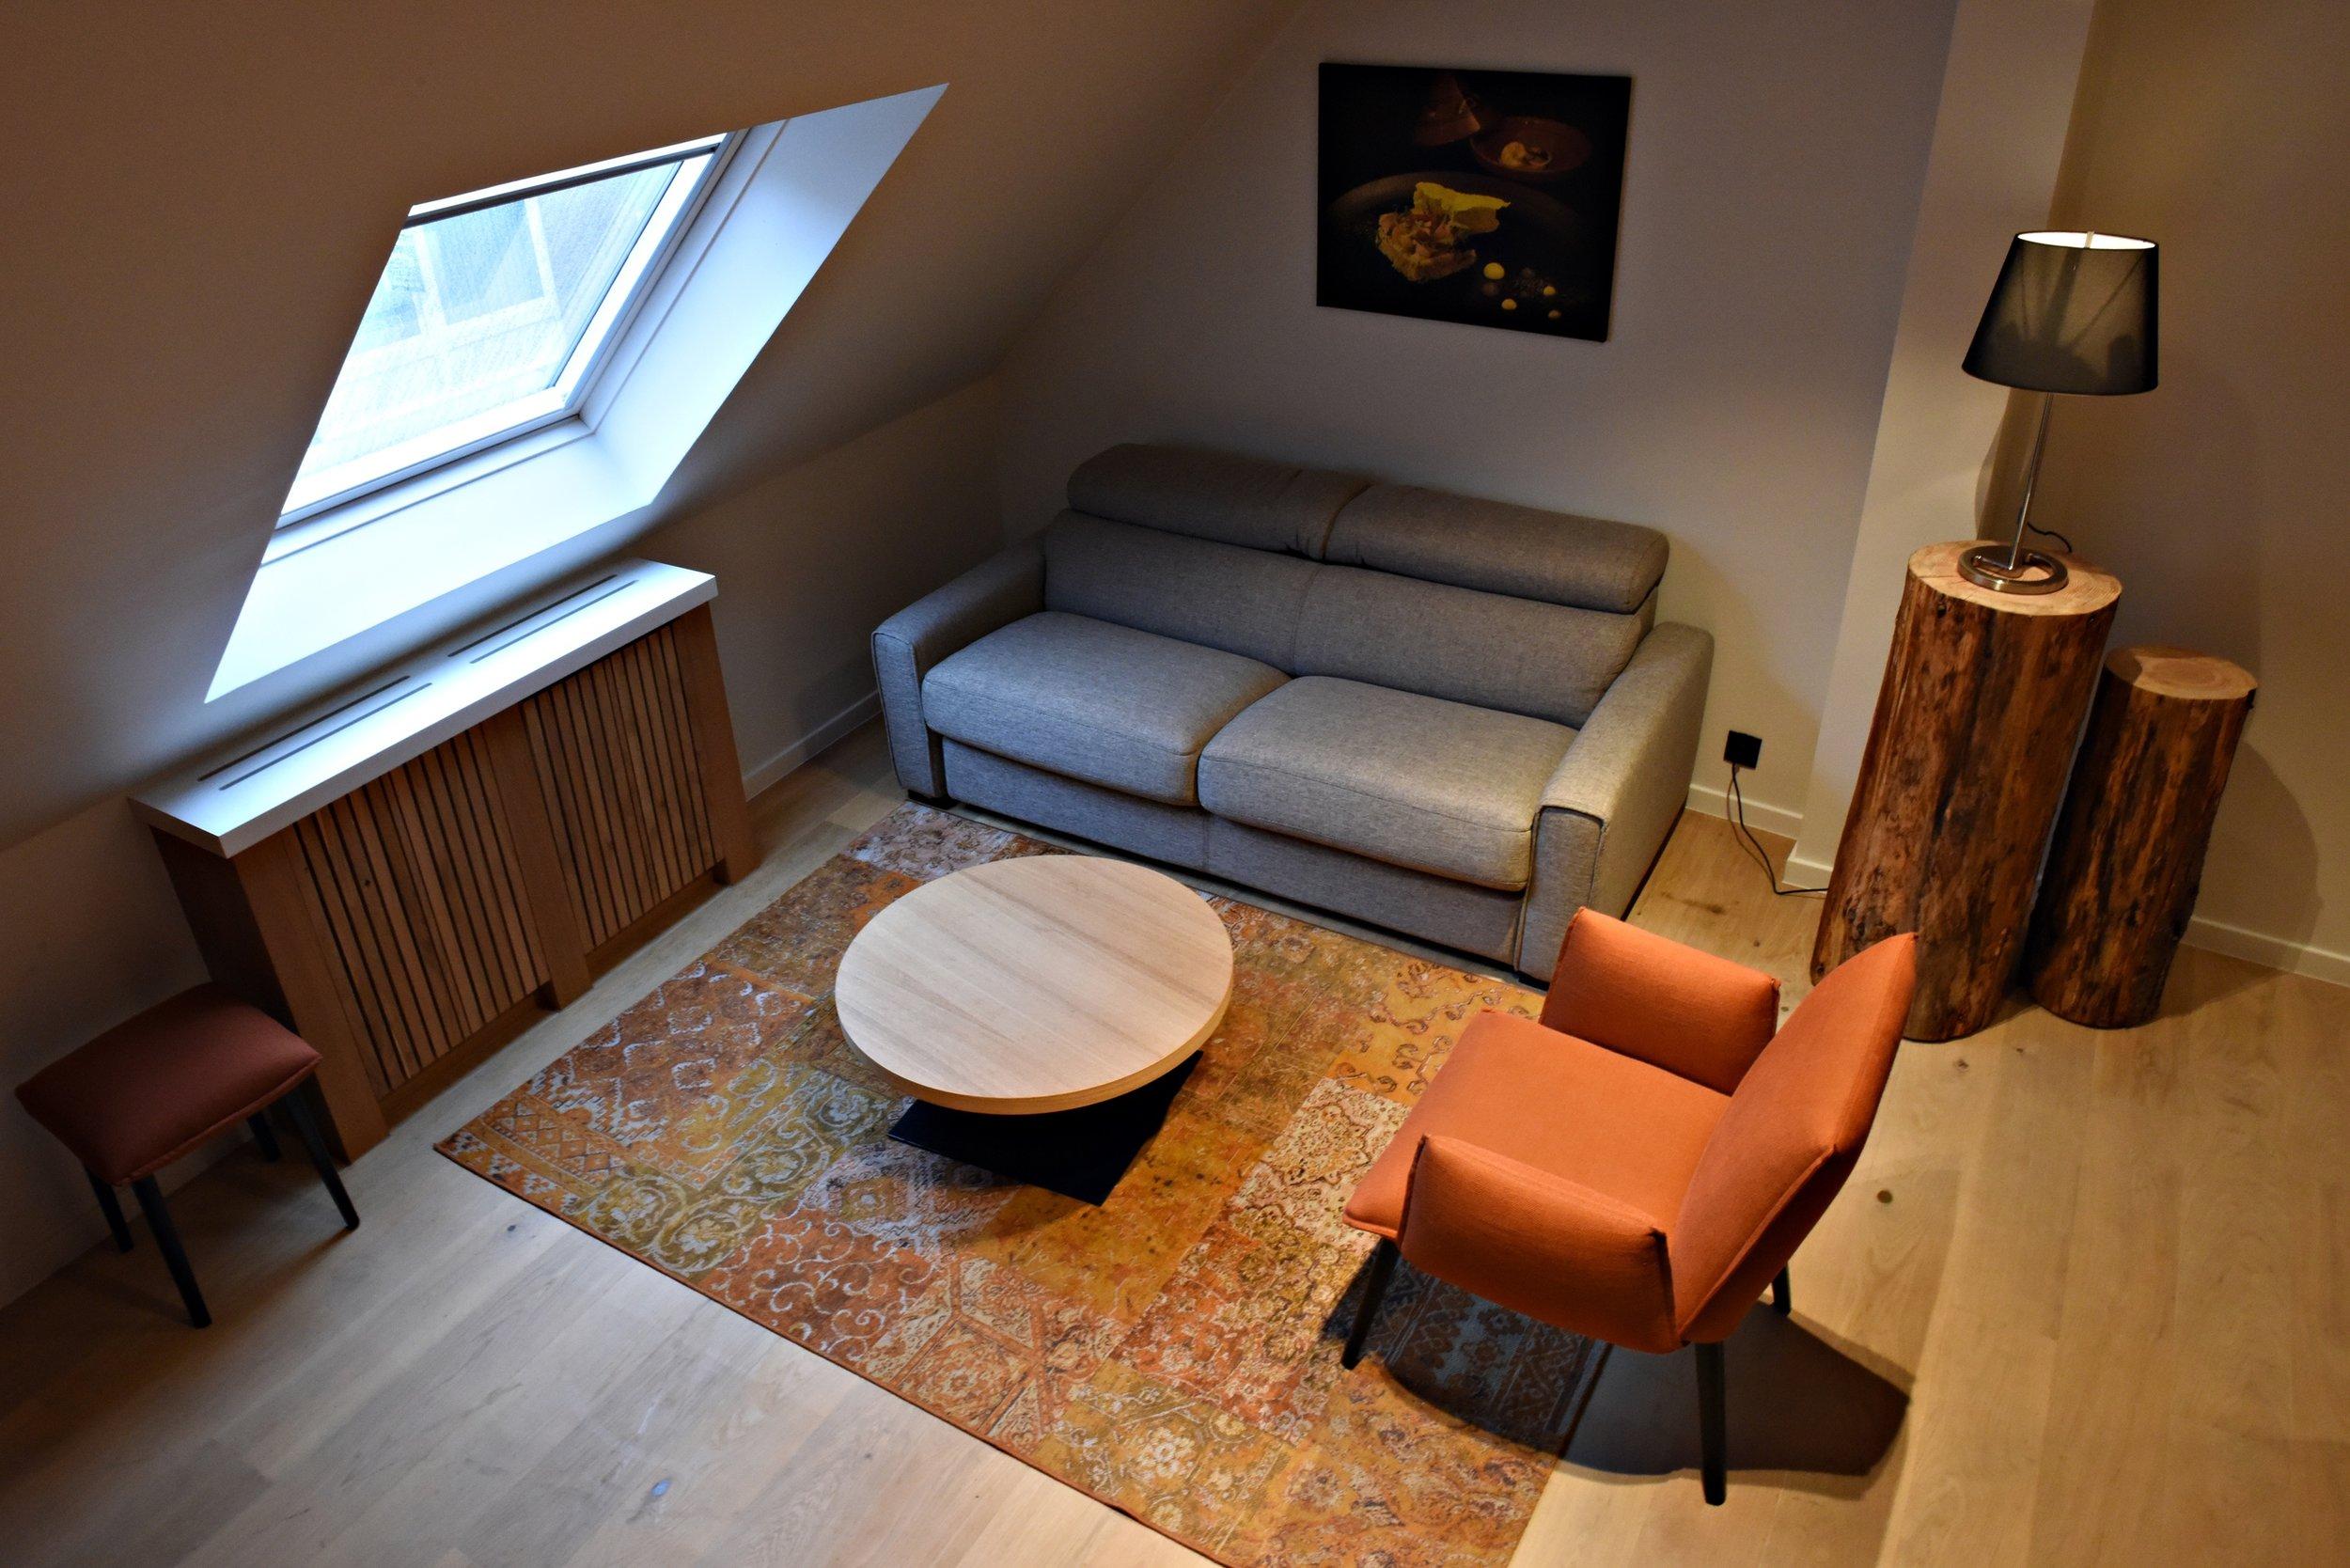 3 hotel kamer ter duinen la guera knokke restaurant bart albrecht tablefever fotograaf foodfotograaf.jpg